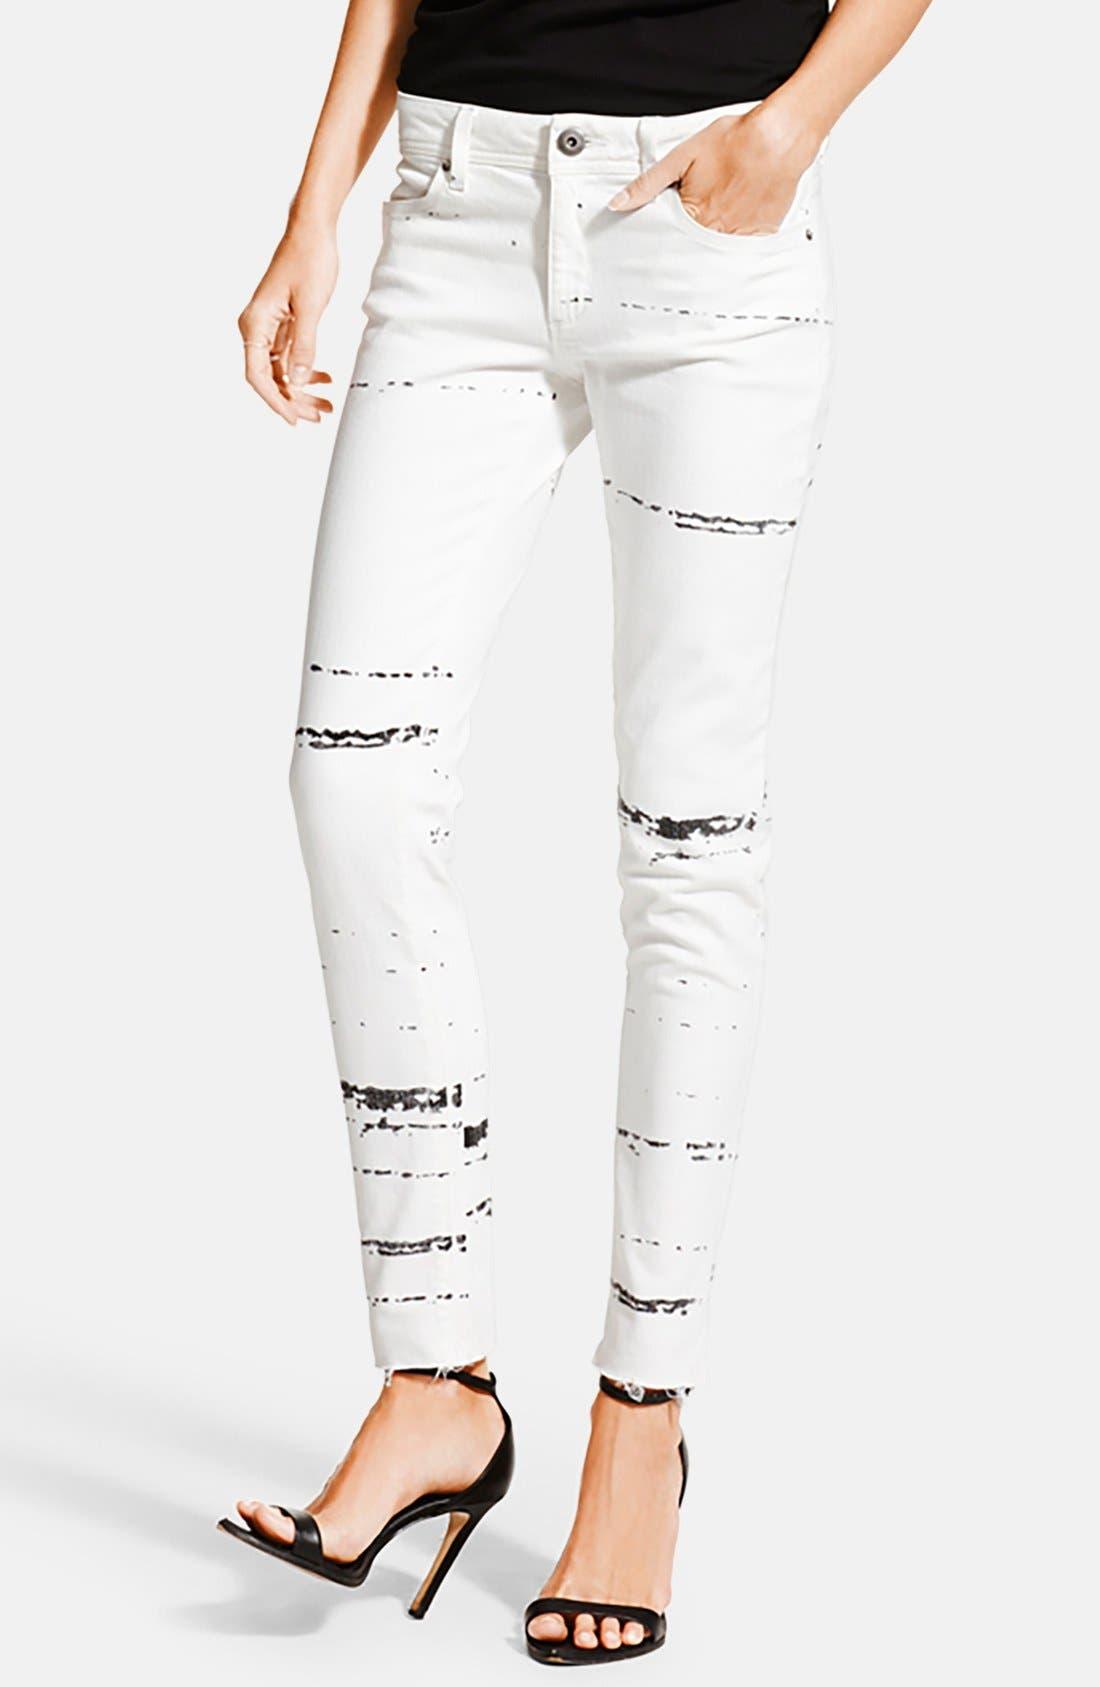 Alternate Image 1 Selected - DL1961 'Emma' Power Legging Jeans (Splatter)